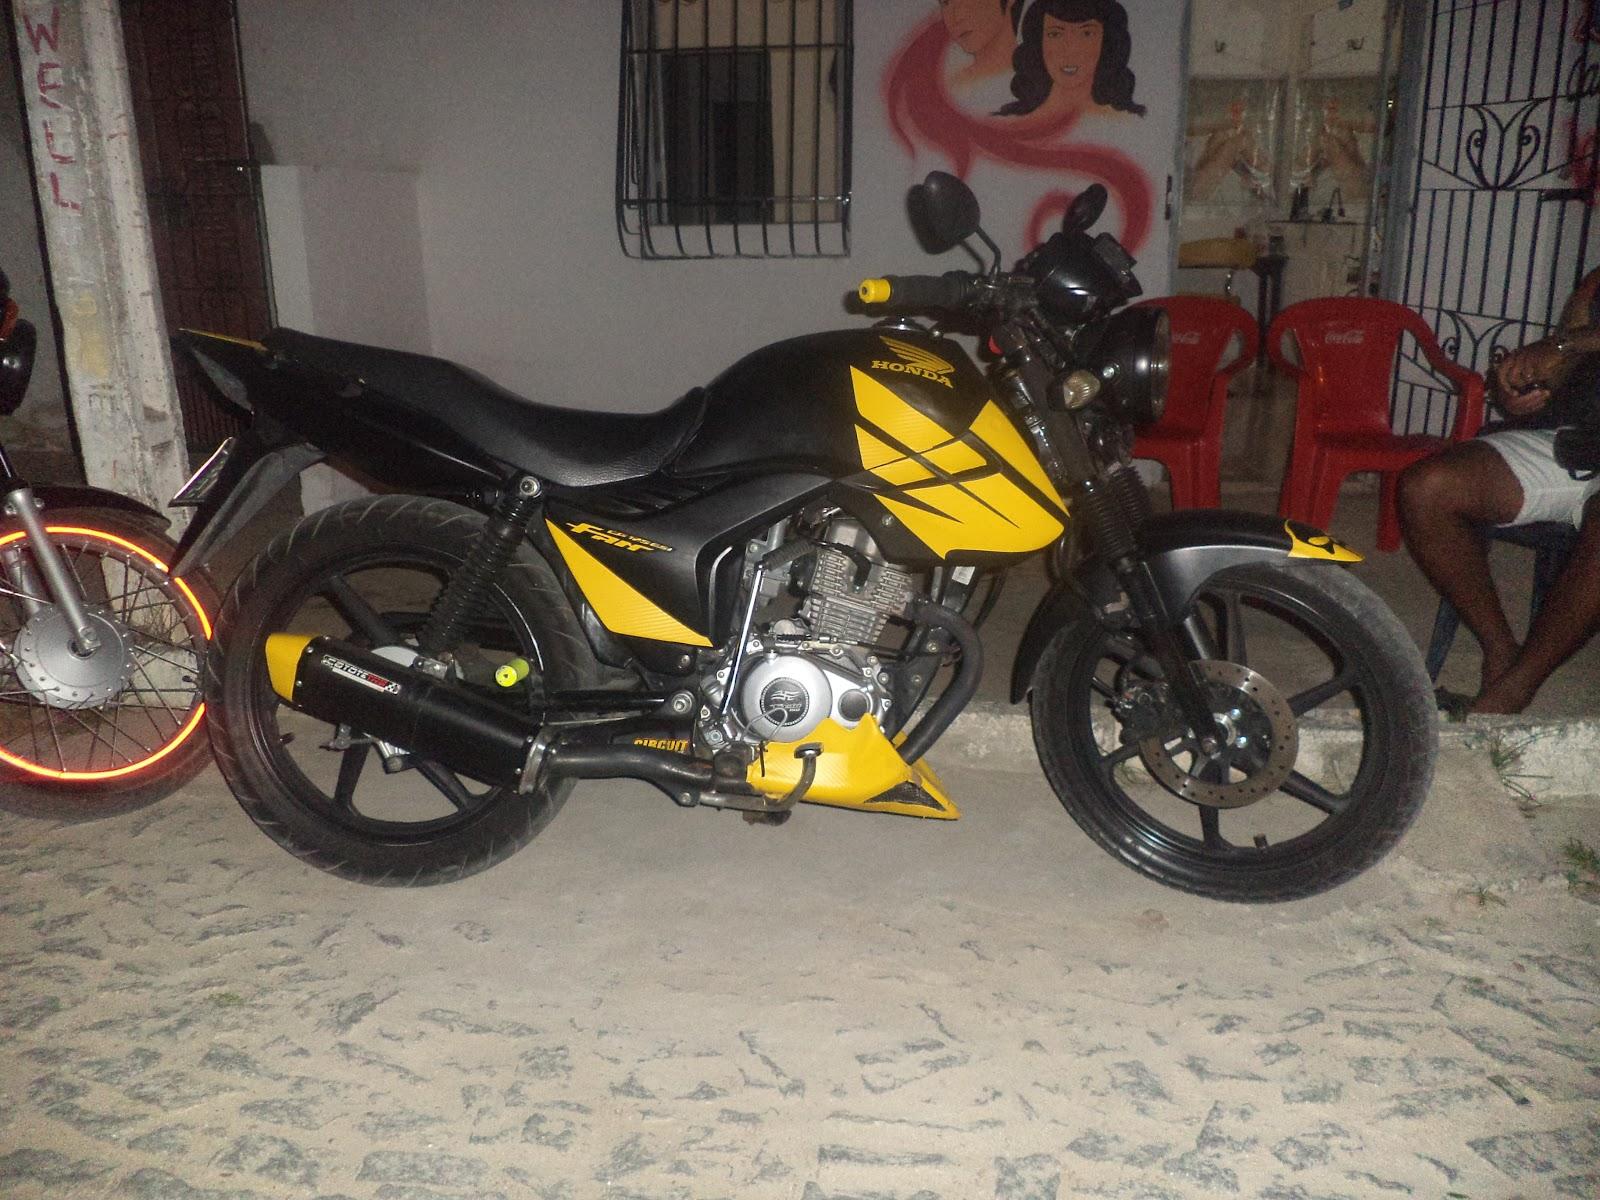 Motos 125 tunadas | Motos 125